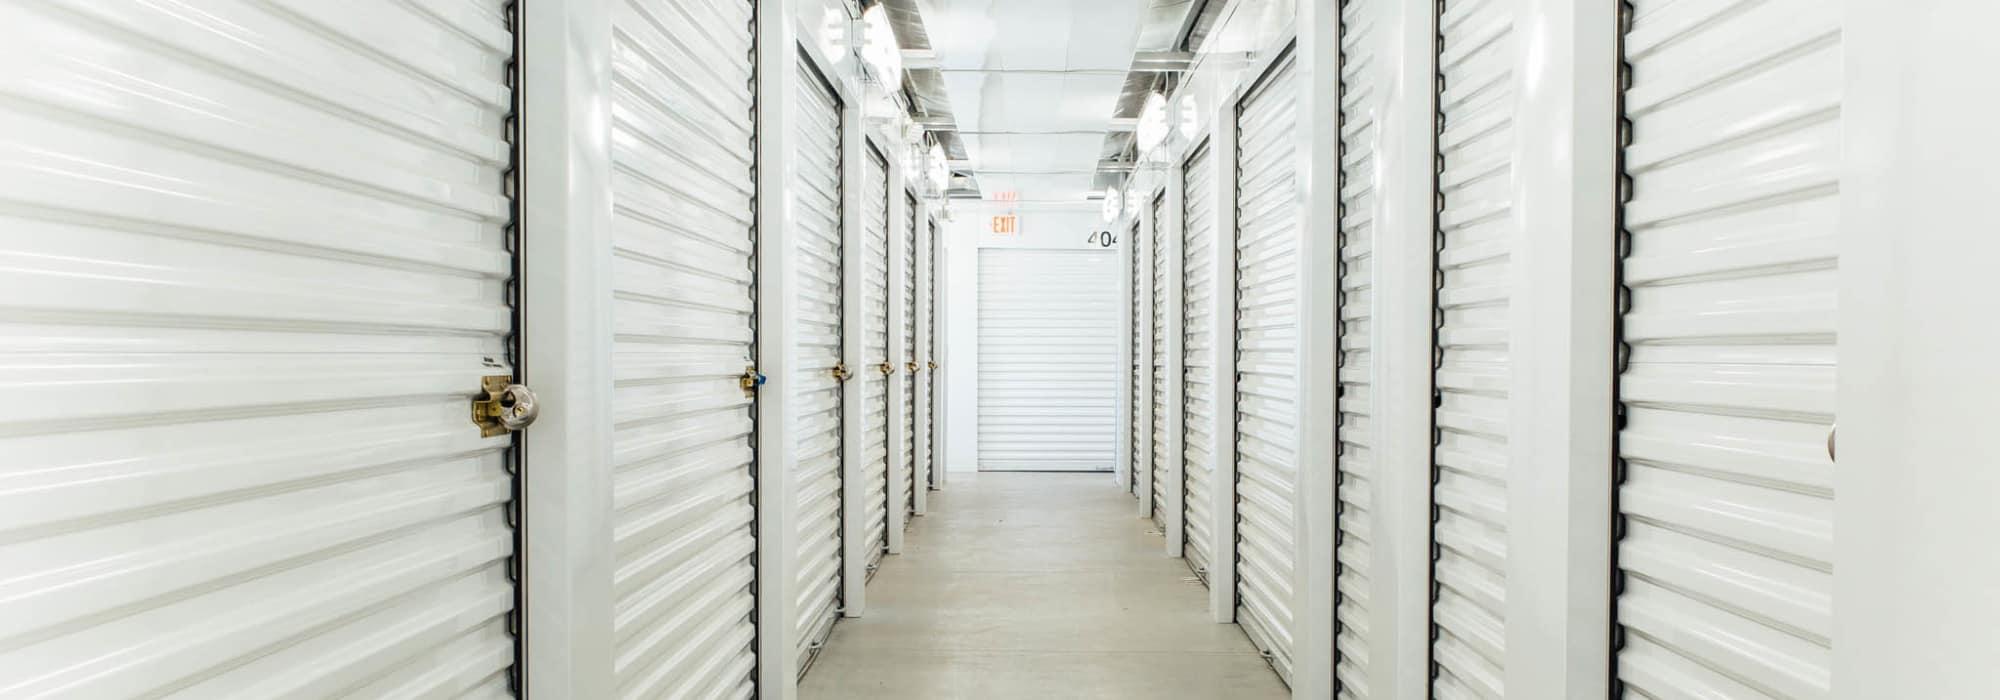 Self storage units in Concord North Carolina